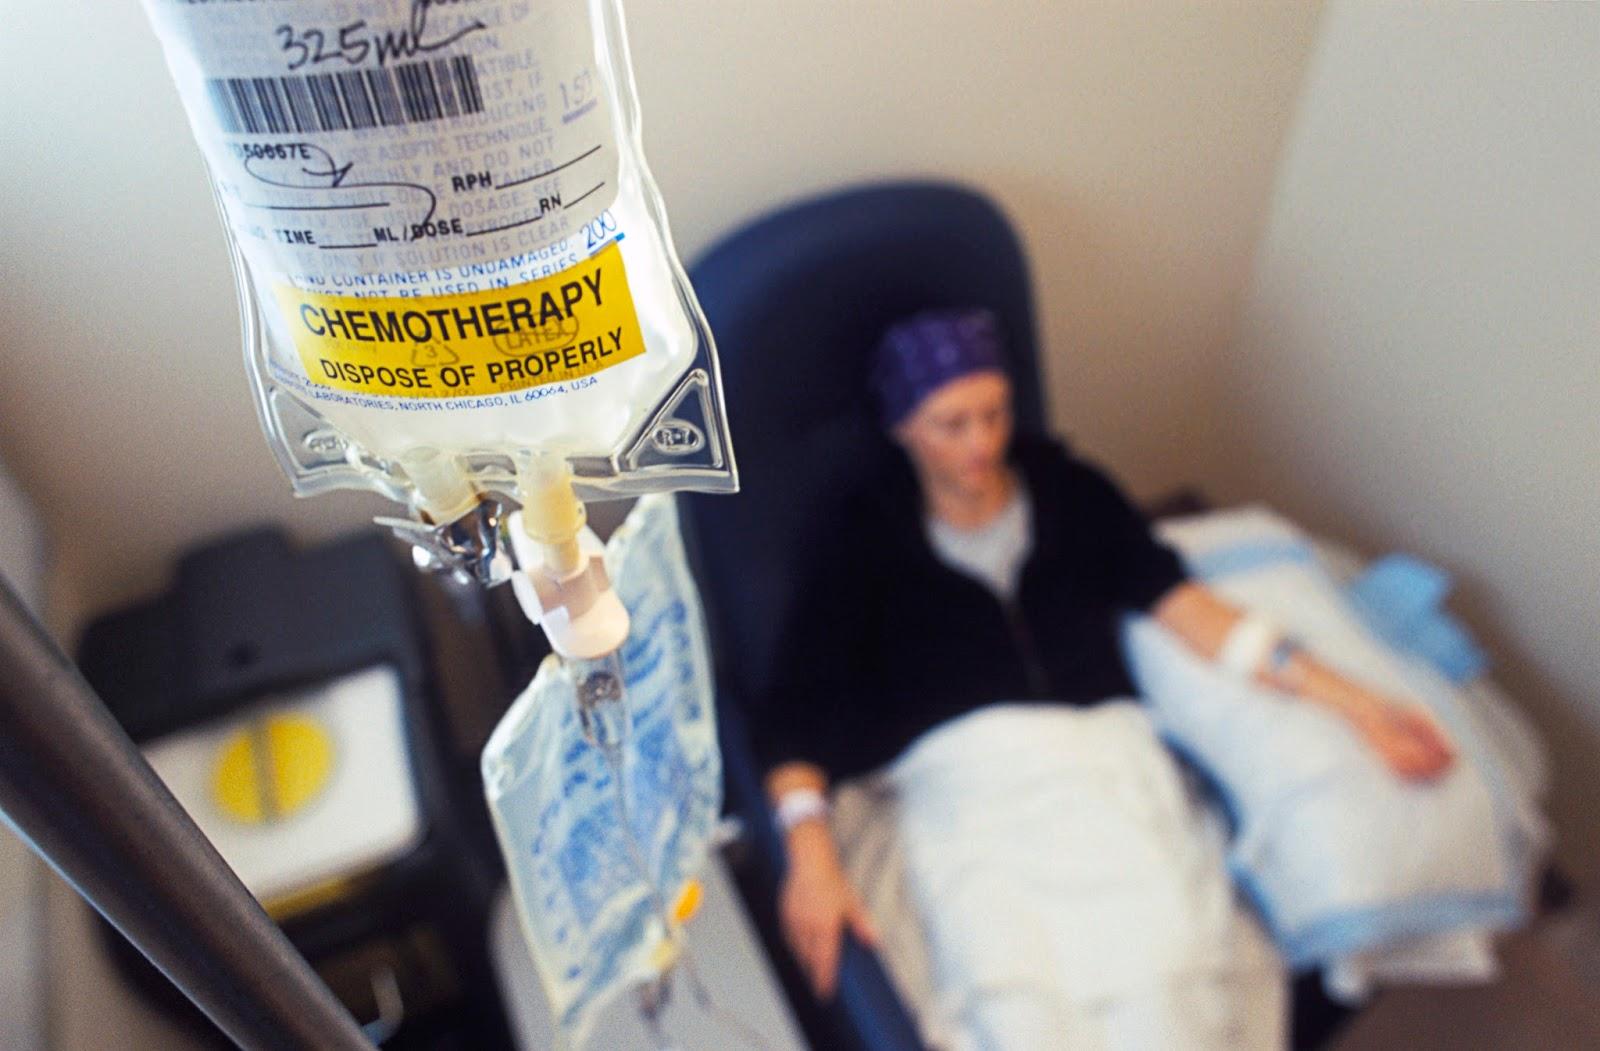 Sedih Sangat Sebab Mama Memang Lemah Lepas Chemo Tu Bagi Yang Terlepas Boleh Baca Kisah Di Sini